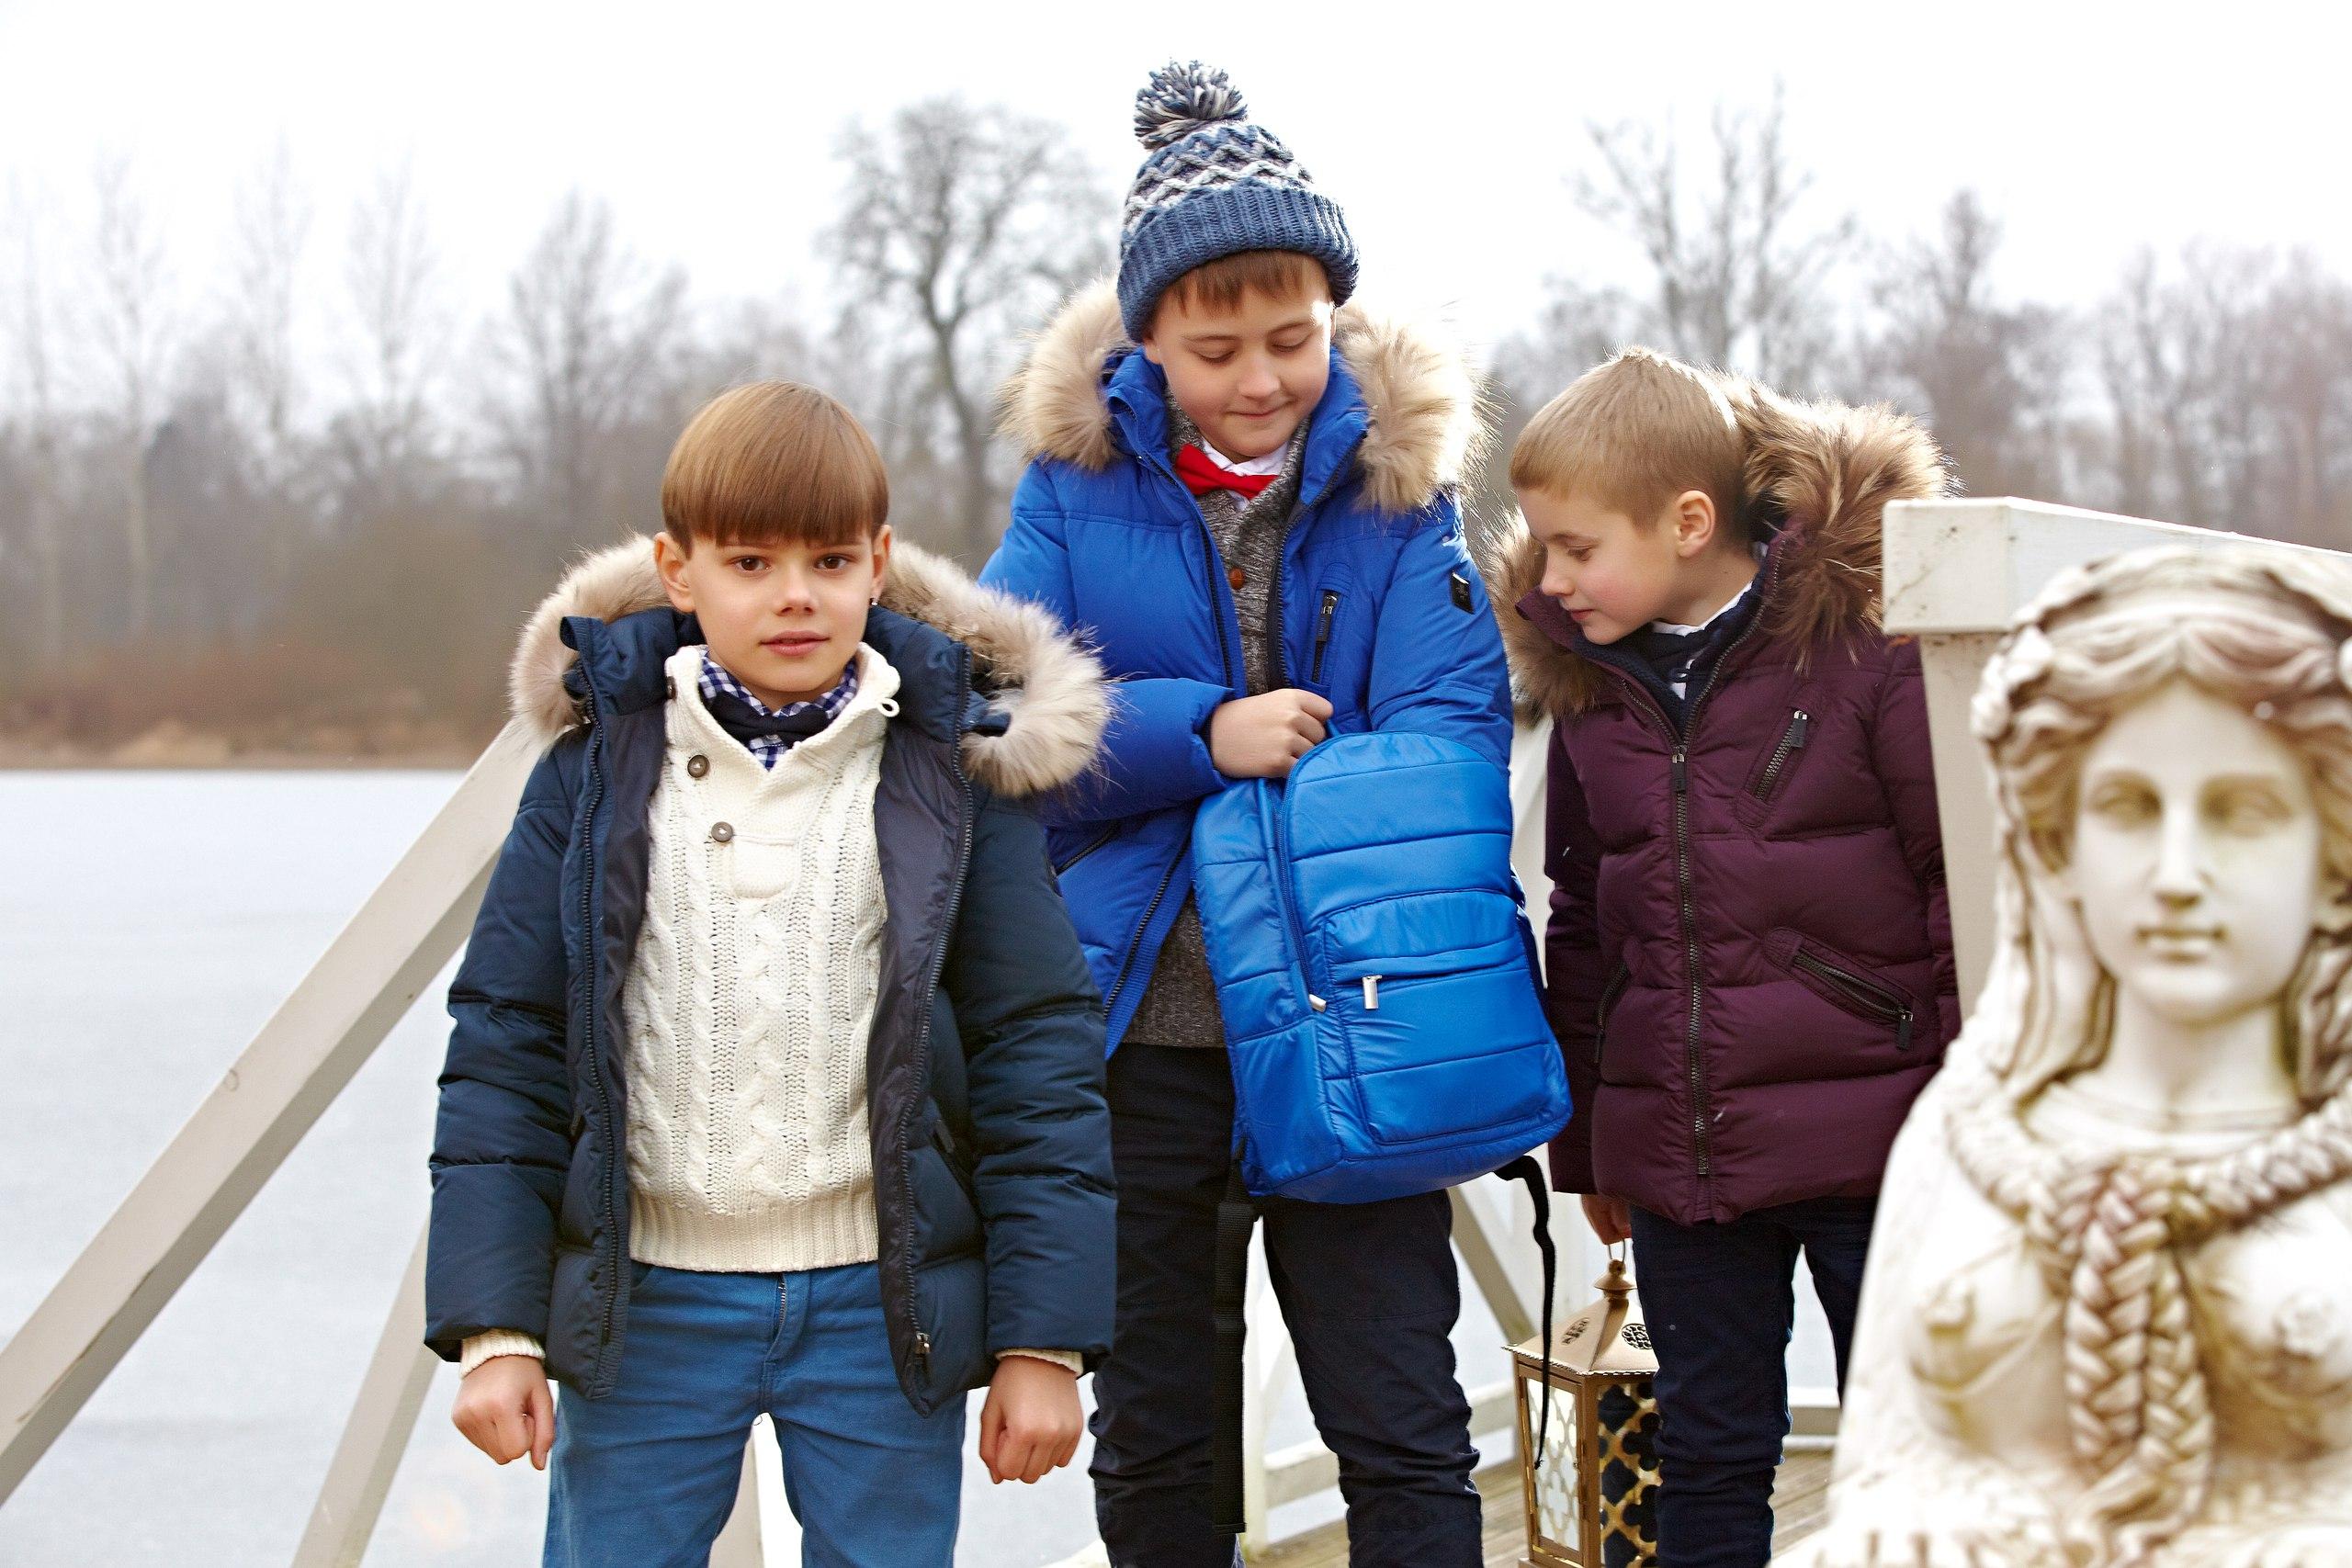 J*u*m*s K*i*d*s - премиум-бренд детской одежды! Предзаказ зима 2017-2018гг